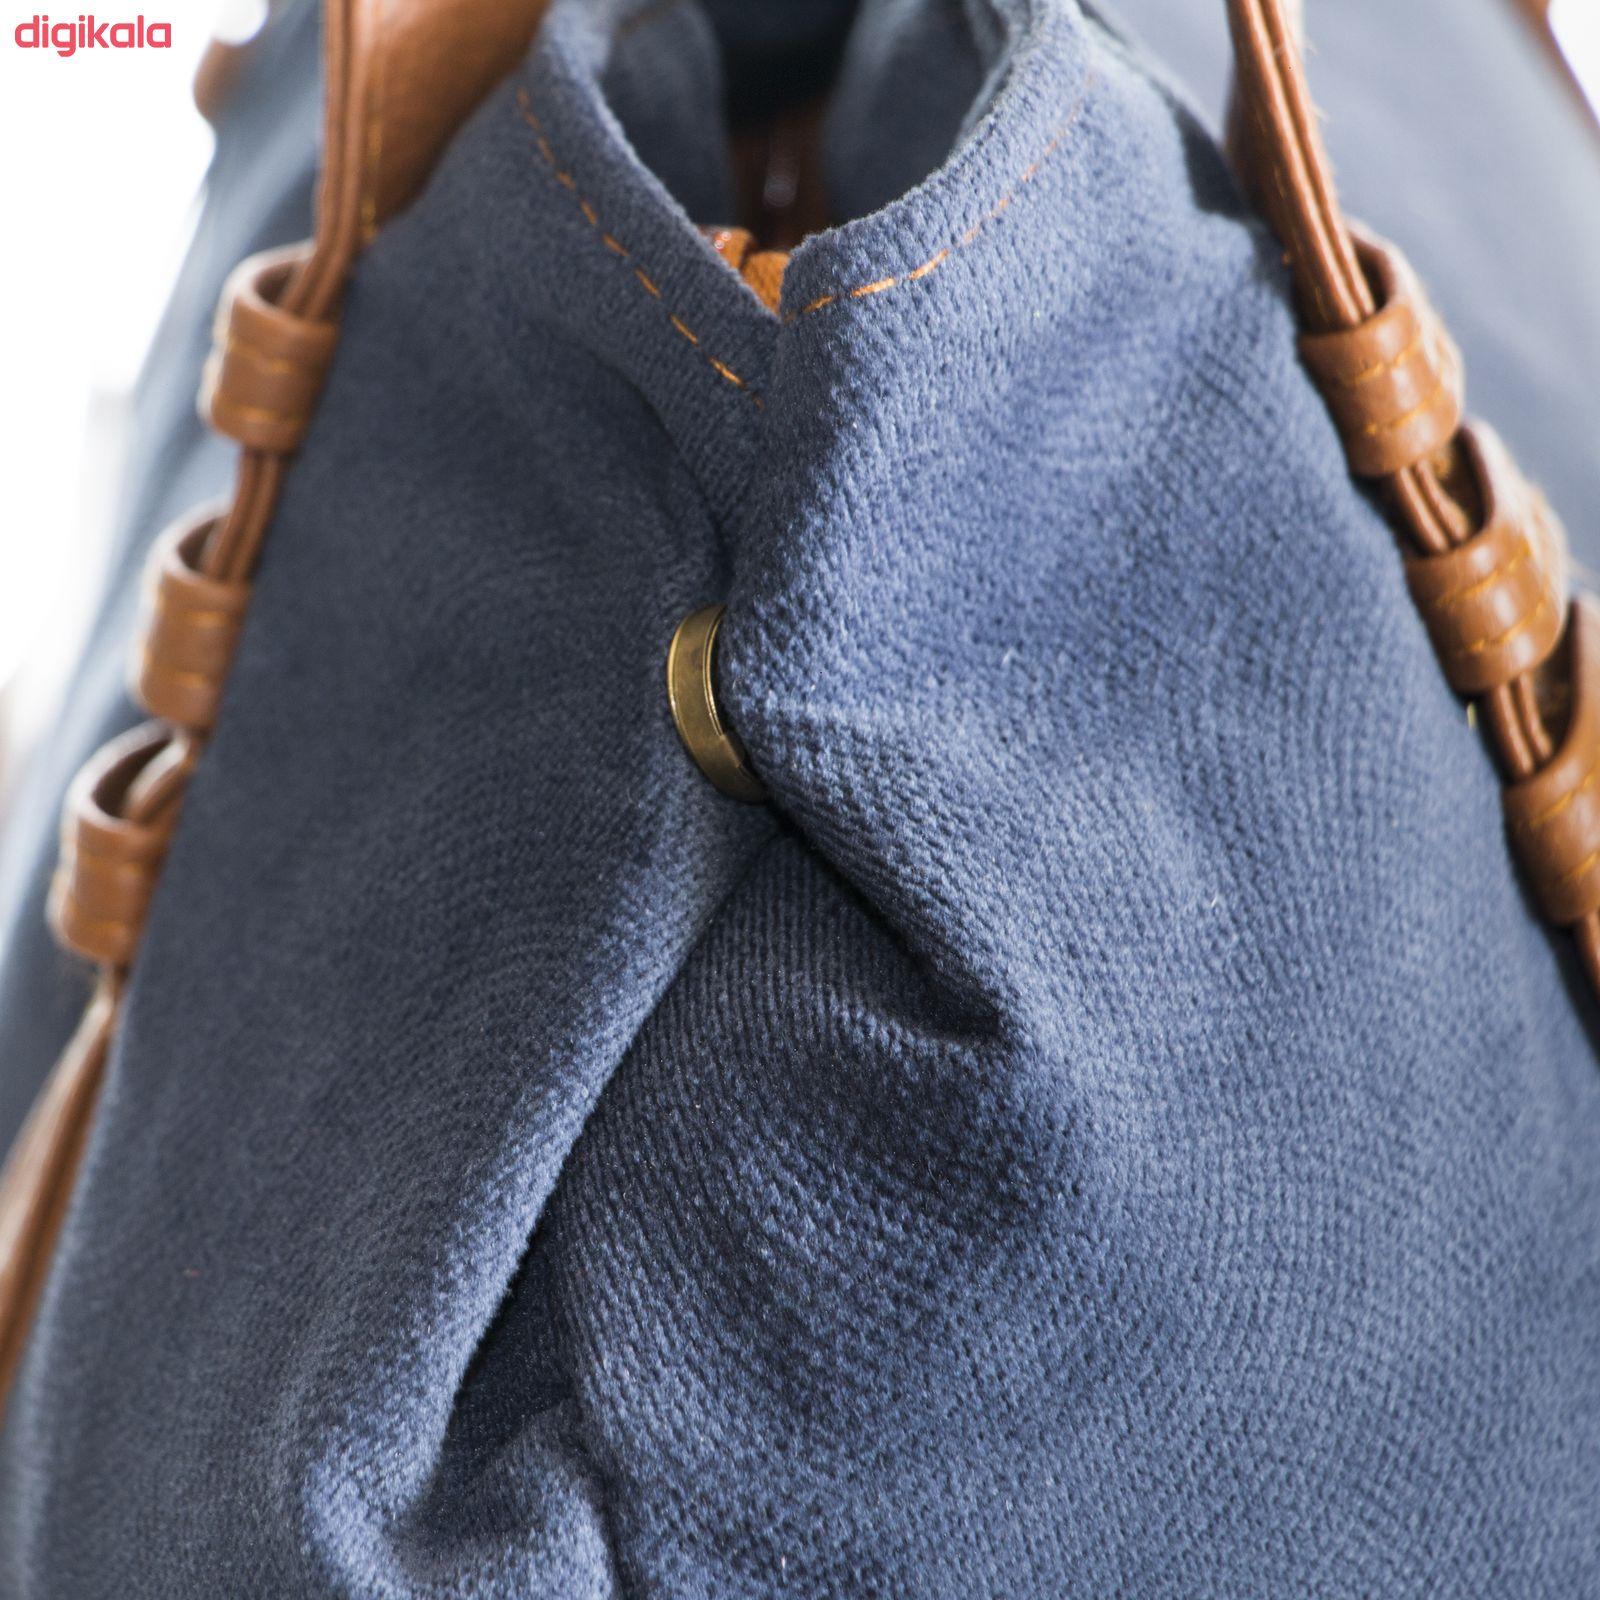 کیف دستی زنانه مدل M1 main 1 27